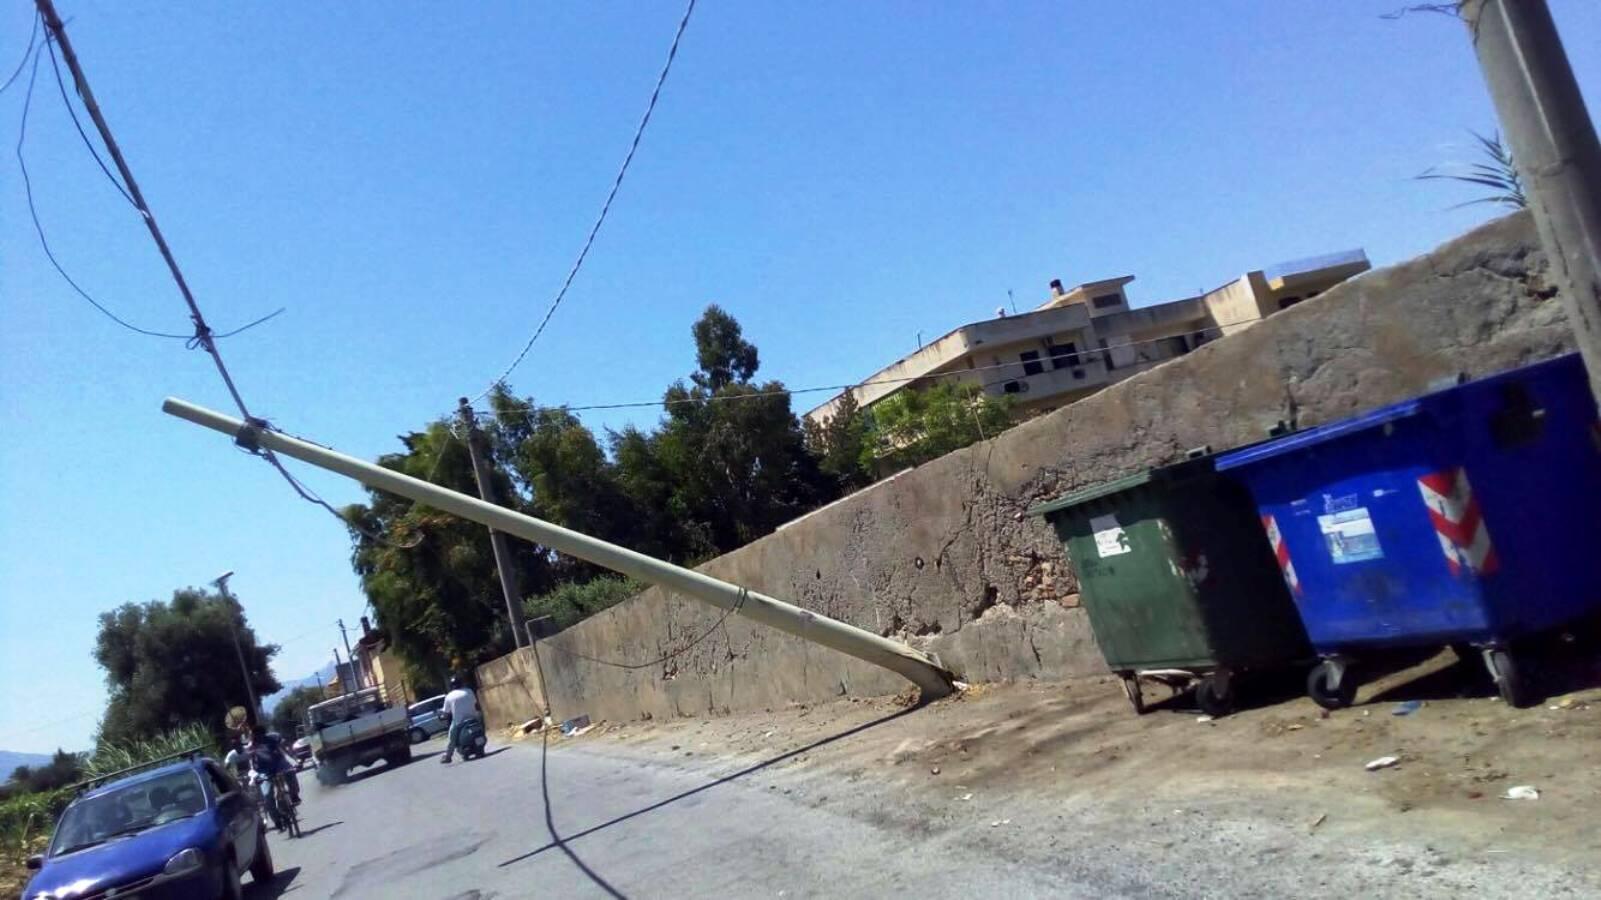 Milazzo come pisa al posto della torre a pendere un palo oggi milazzo oggi milazzo - Incidente giardini naxos oggi ...